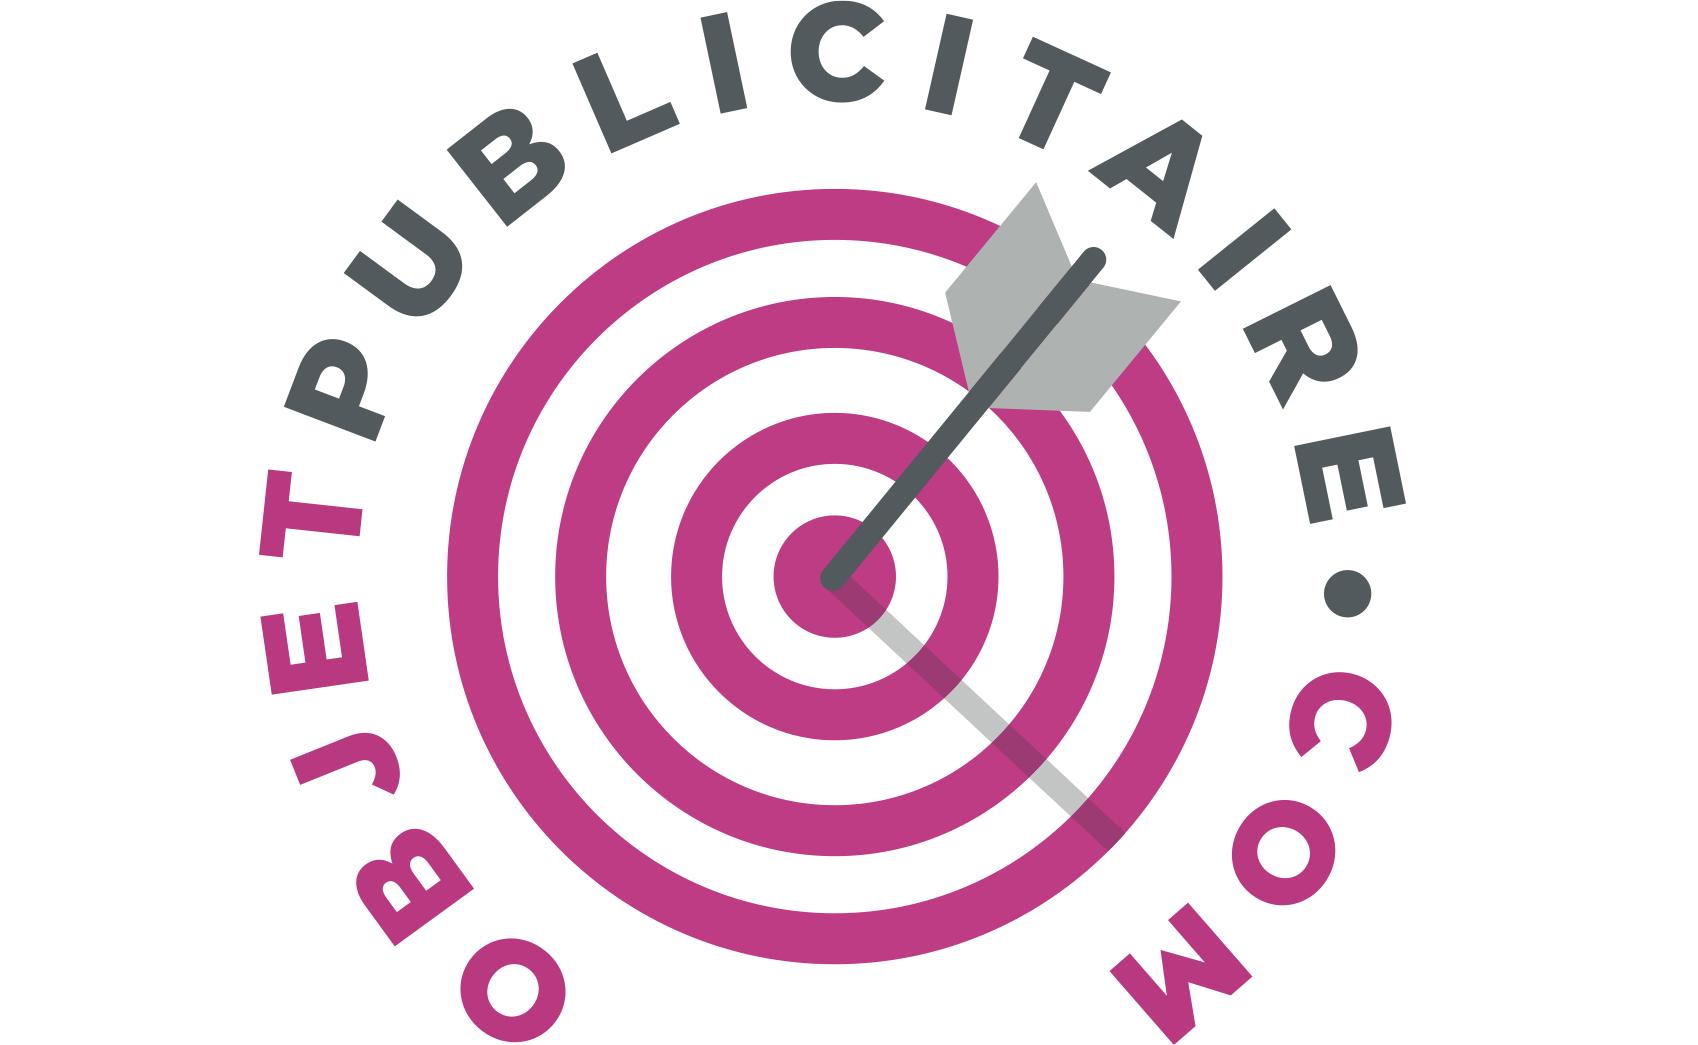 OBJETPUBLICITAIRE.COM